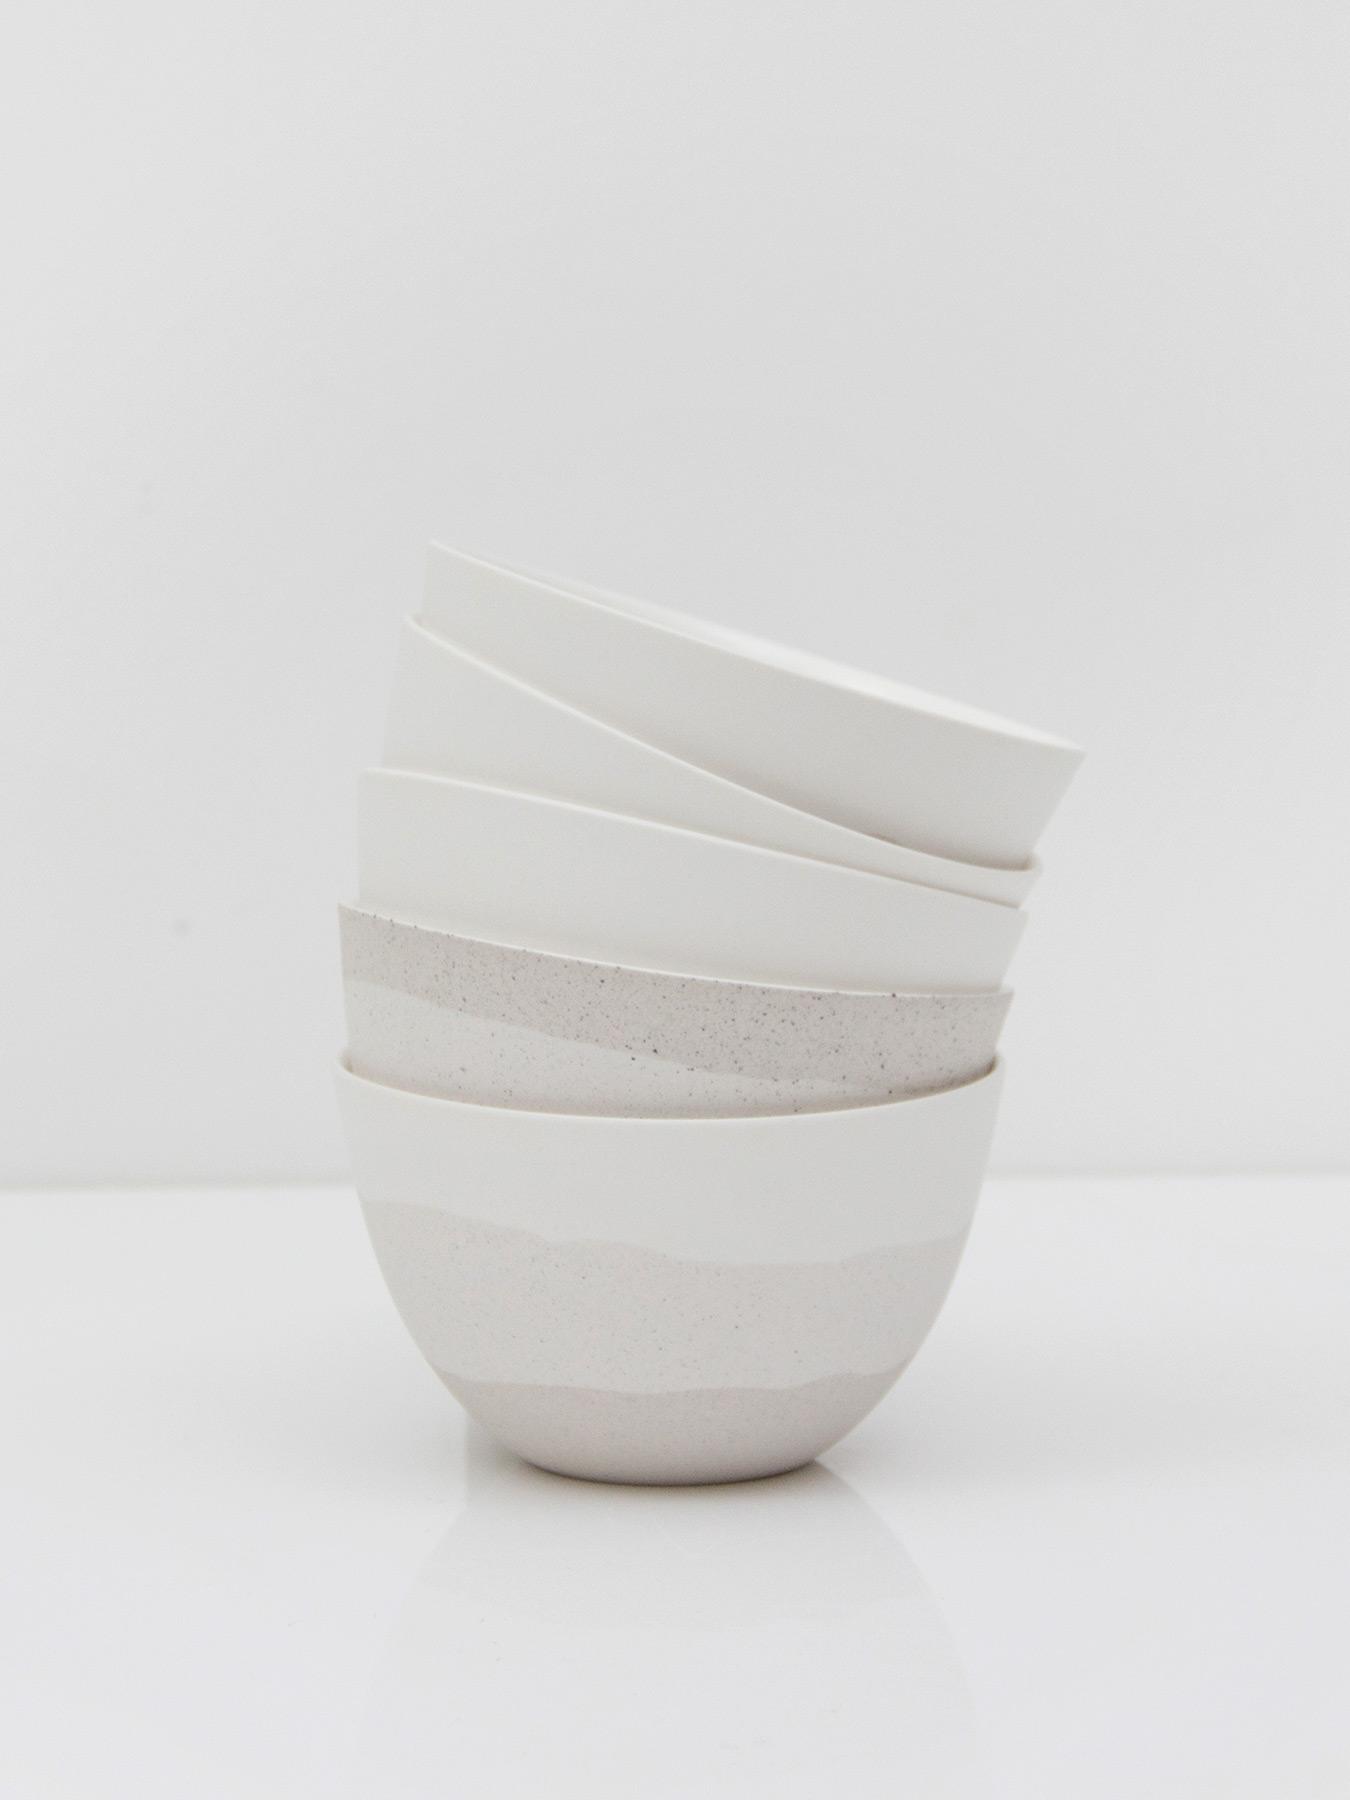 ceramic_bowl_05